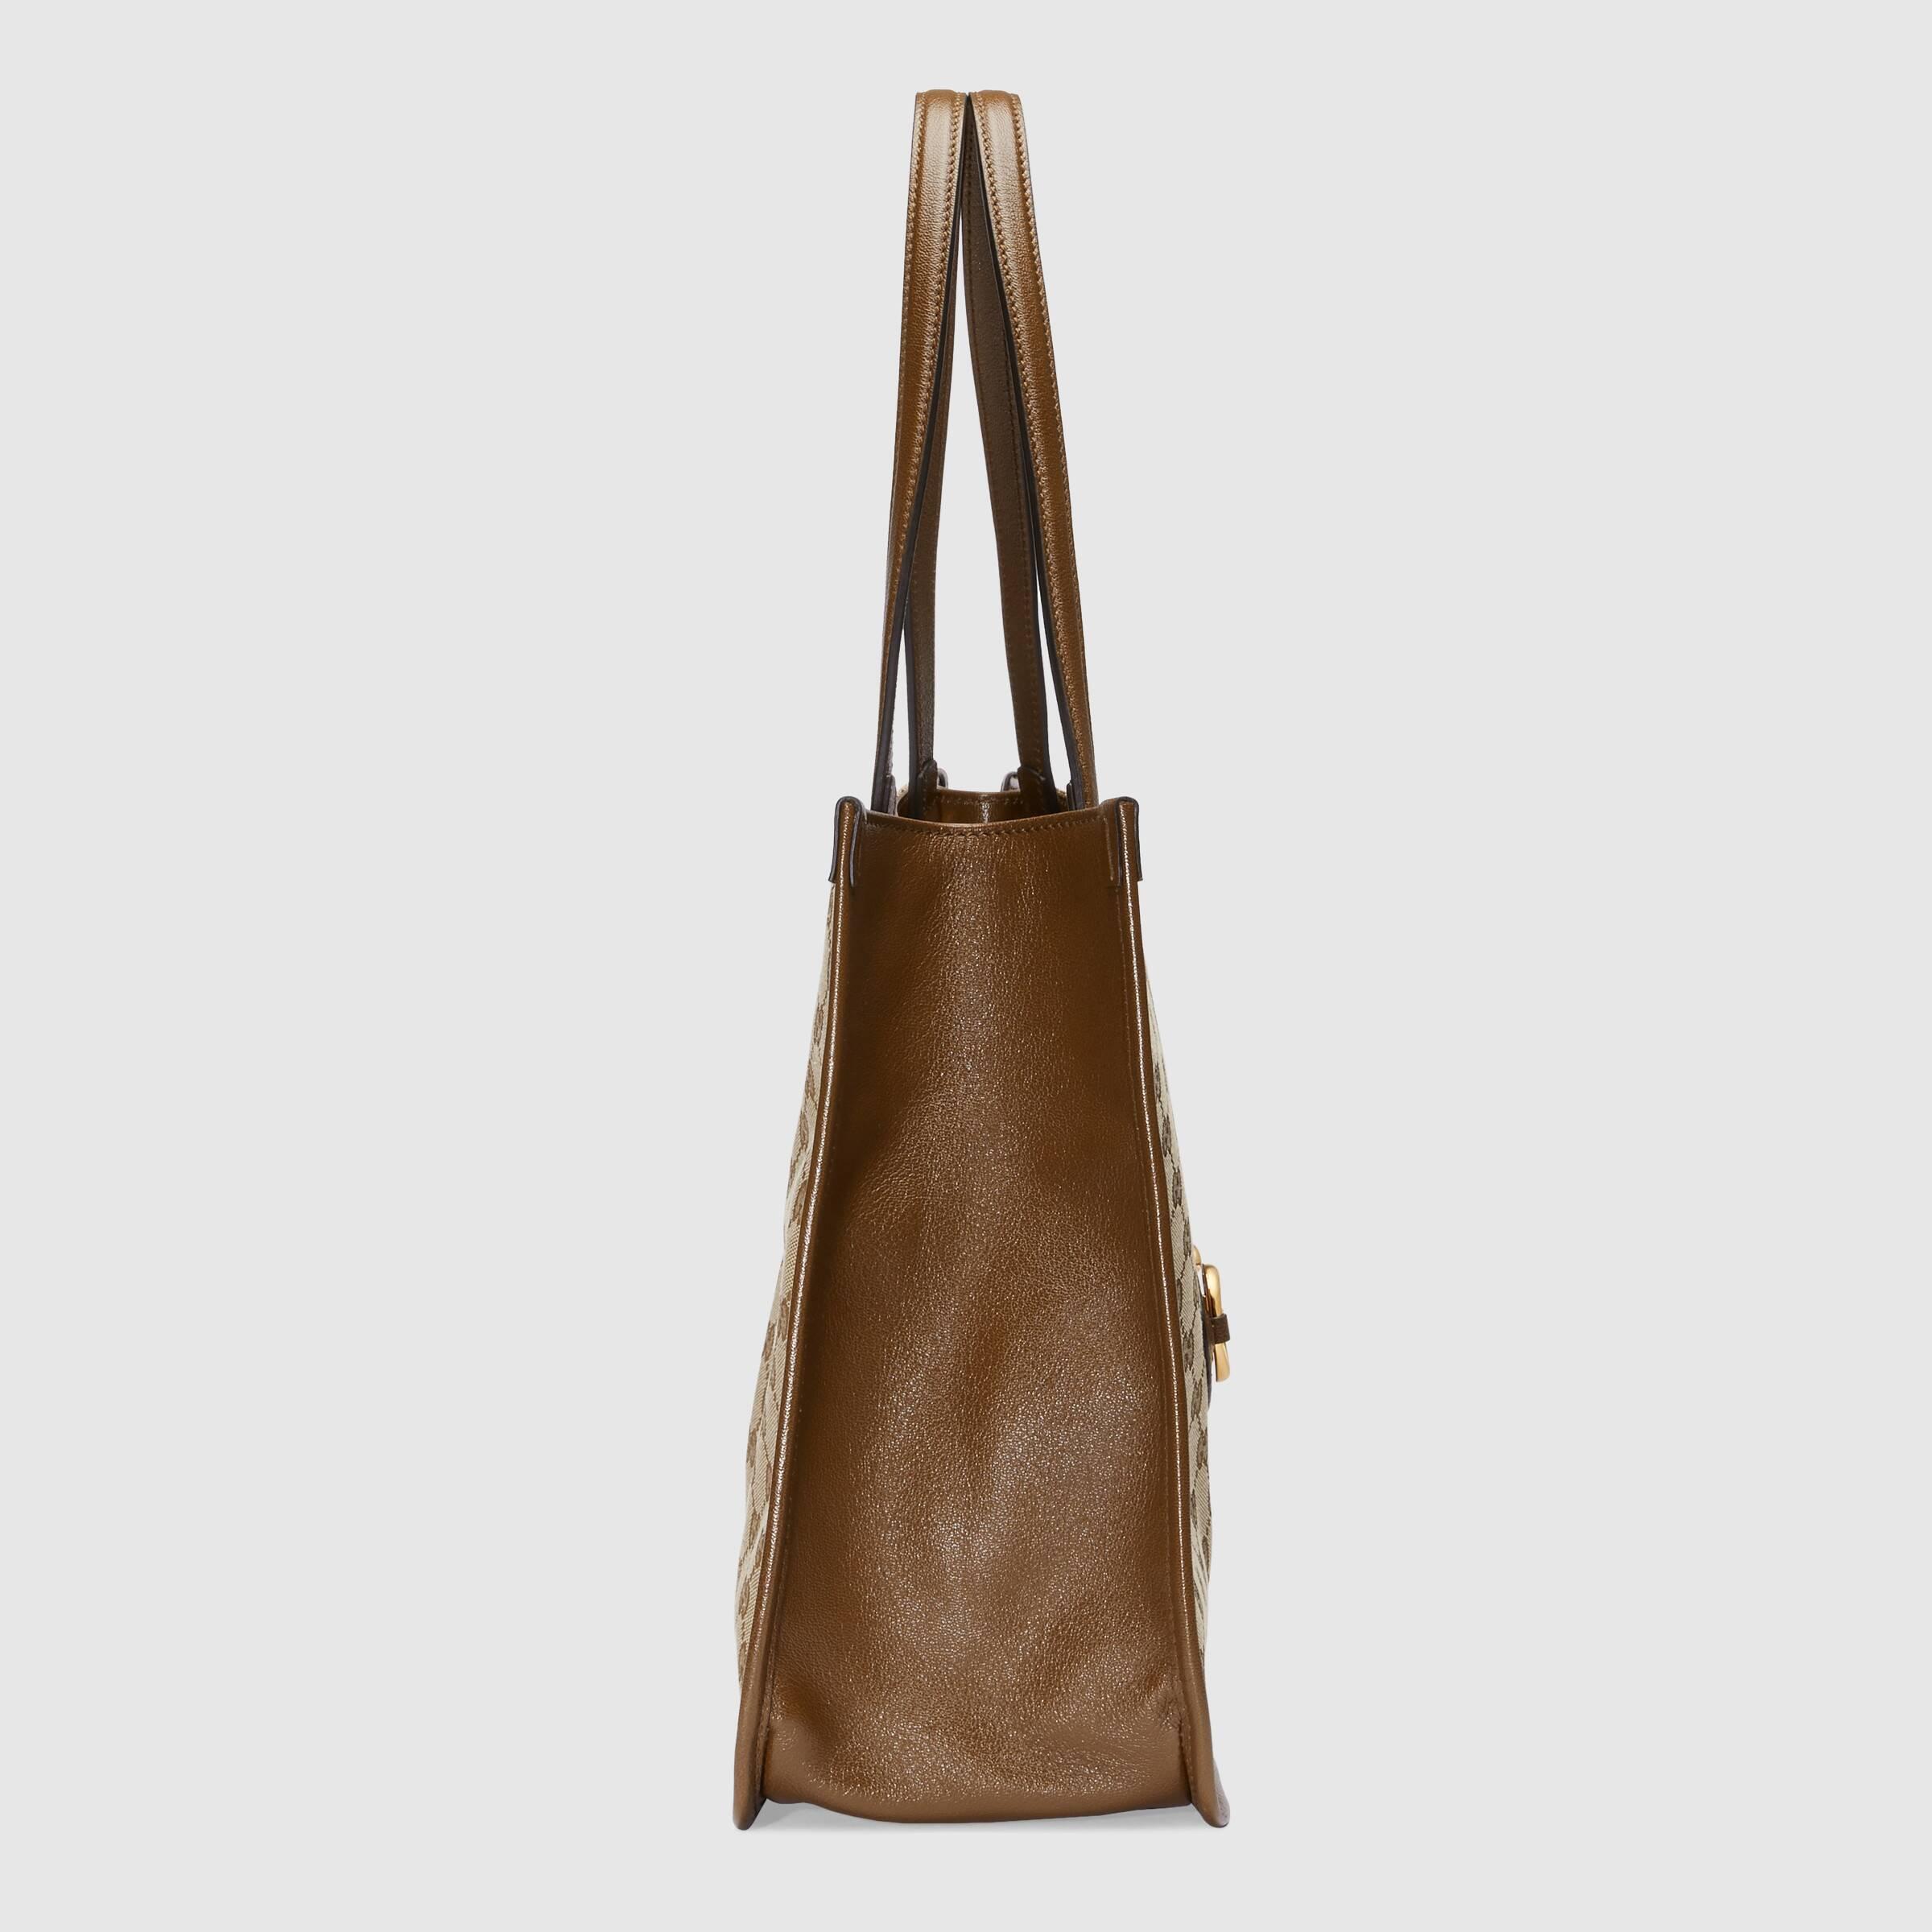 유럽직배송 구찌 토트백 GUCCI 1955 Horsebit tote bag 623694GY5OG8563